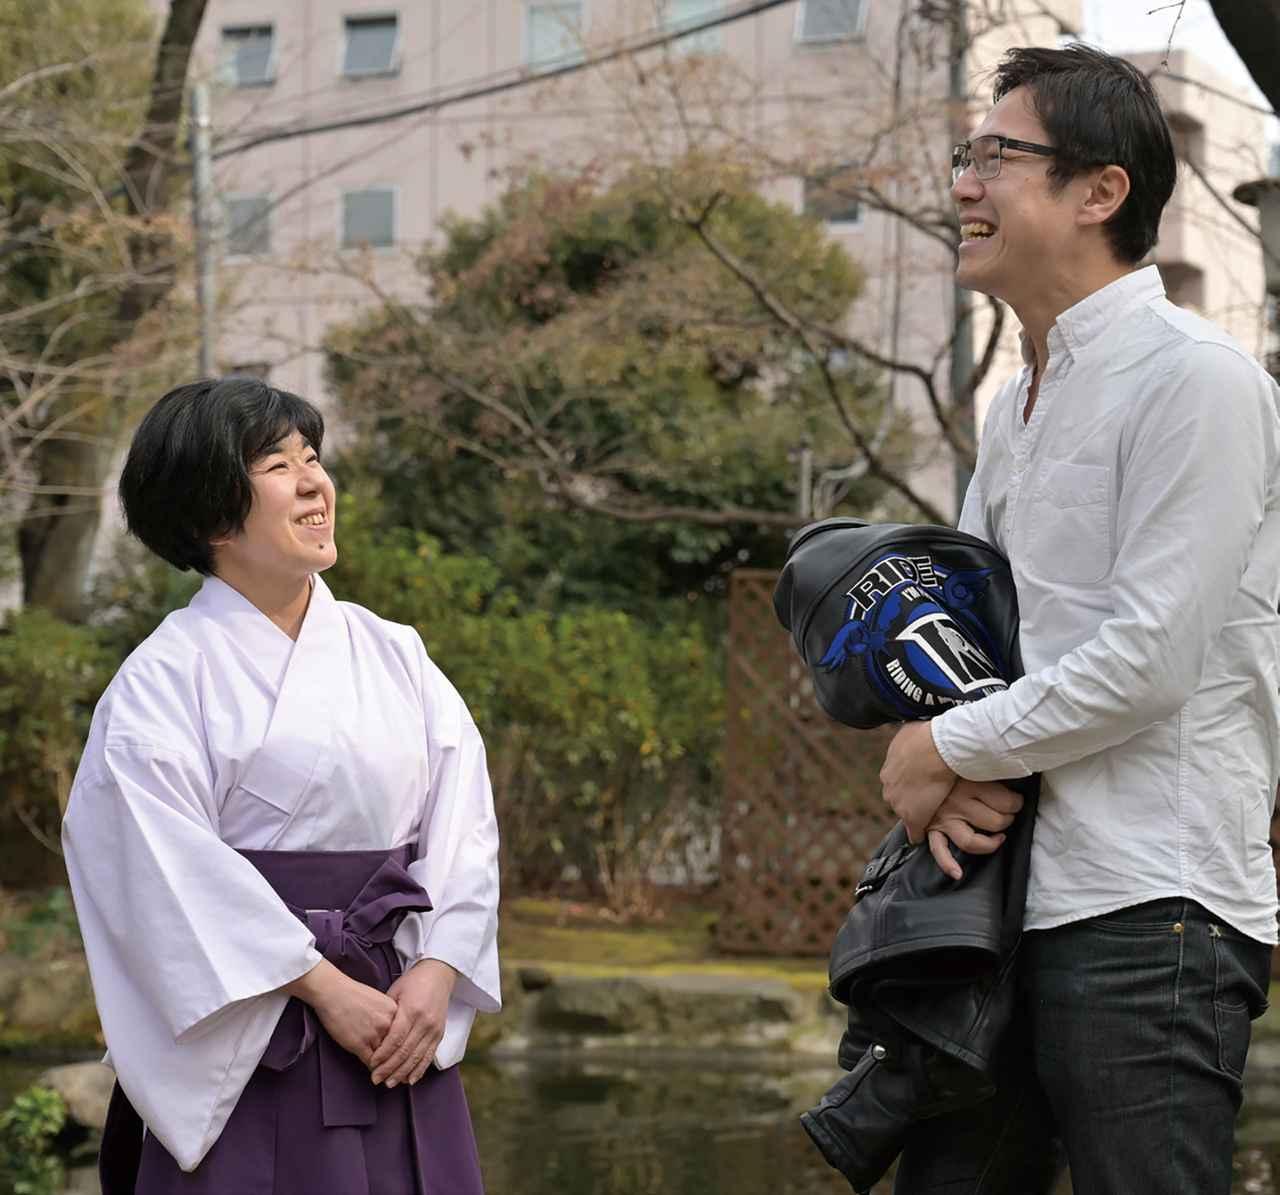 画像: お話を聞かせてくださった、愛宕神社・禰宜(ねぎ)の松岡由里子さん。「神様を敬う気持ちを忘れなければ、参拝方法のルールにガチガチに縛られて考える必要はないと思いますよ」と教えてくださいました。そう、参拝でもっとも大切なことは、真摯な気持ちなのです!